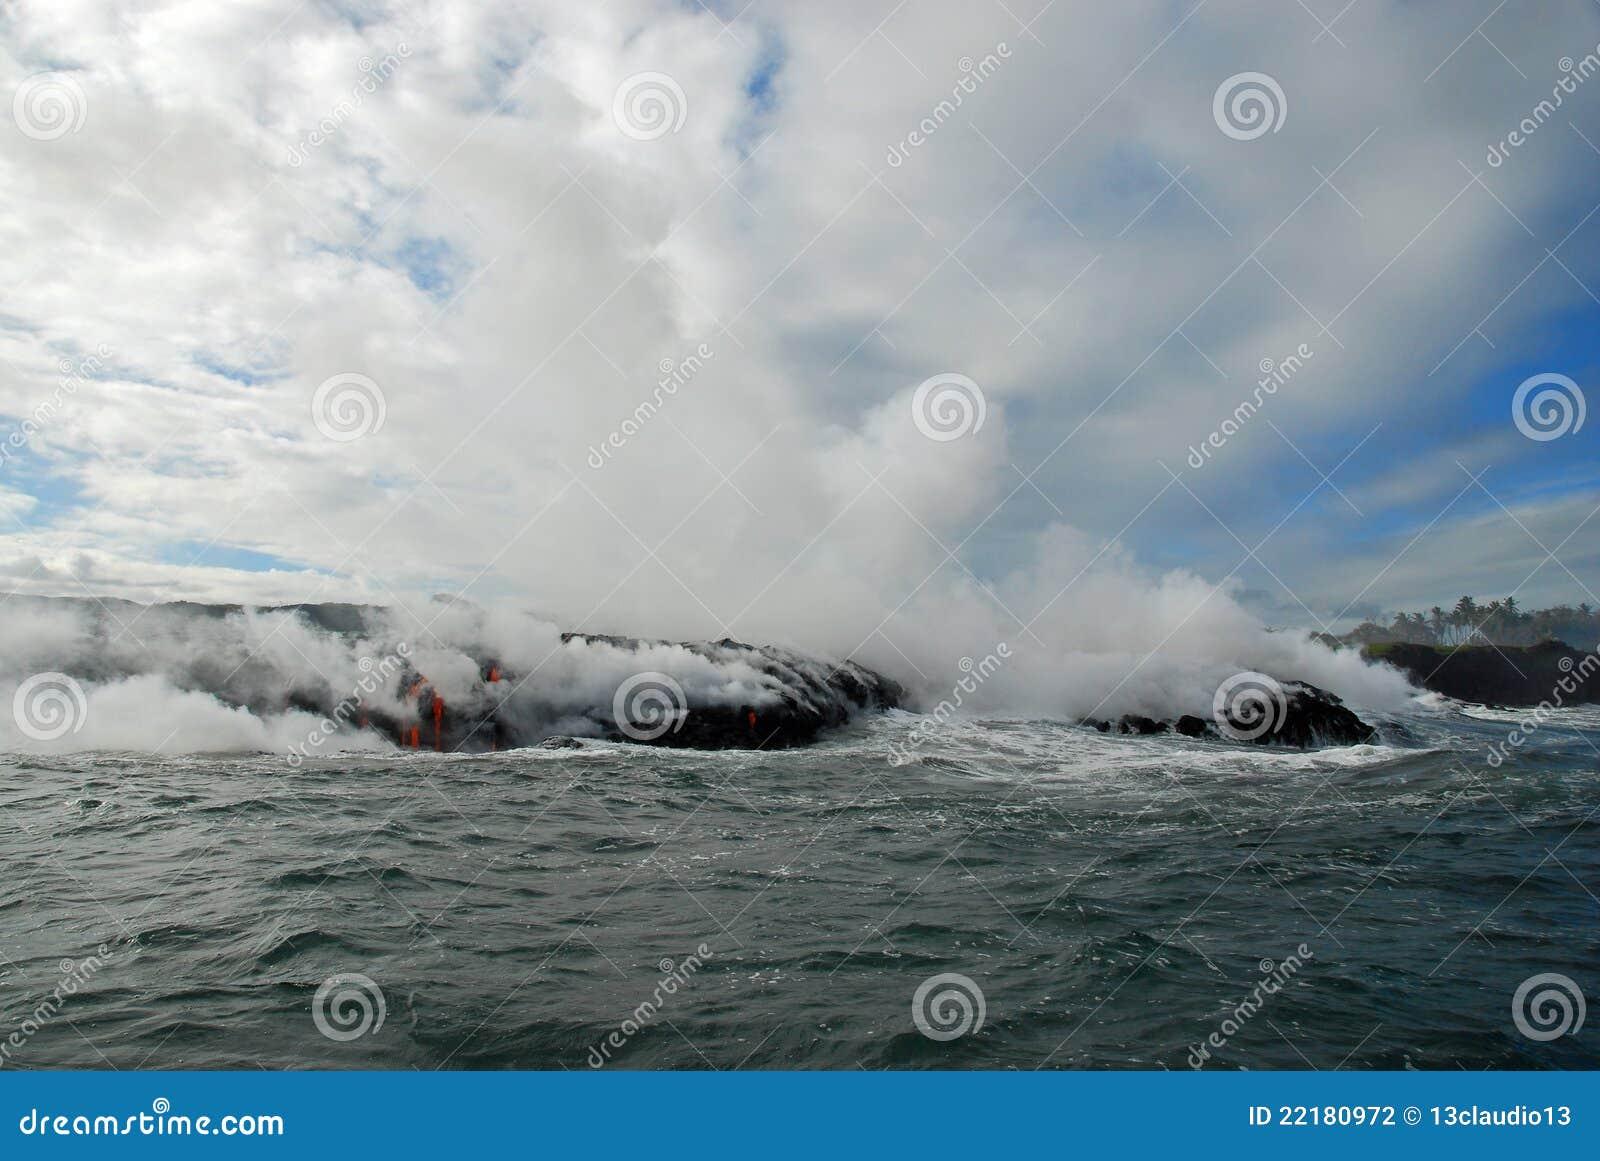 προώθηση του ωκεάνιου α&t